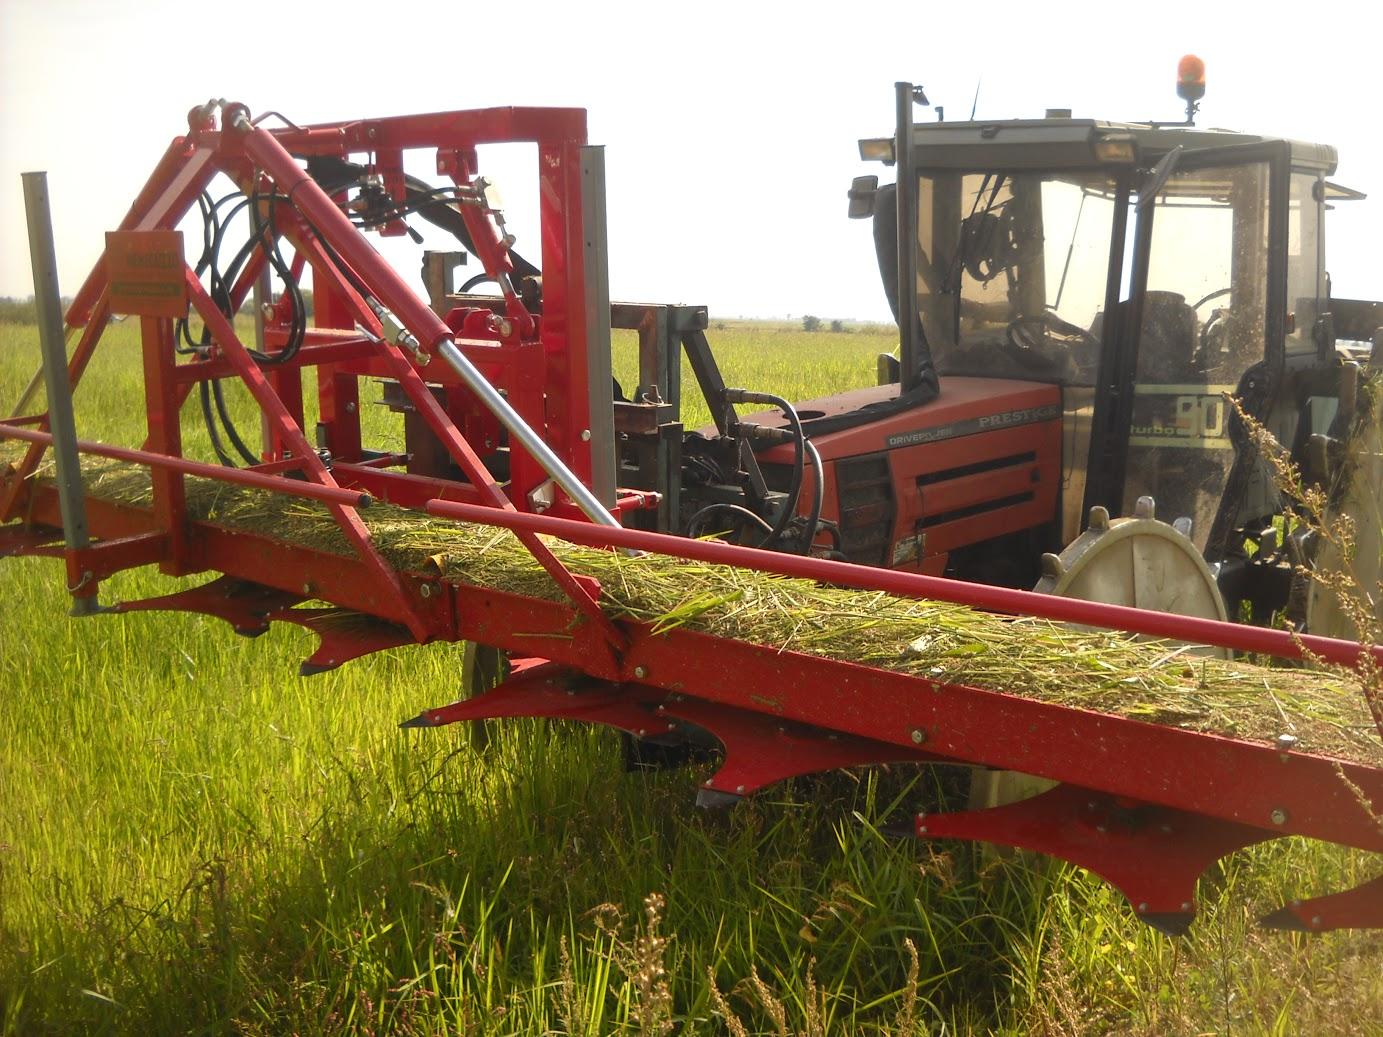 cimatrice per eliminare le erbe infestanti nel riso biologico